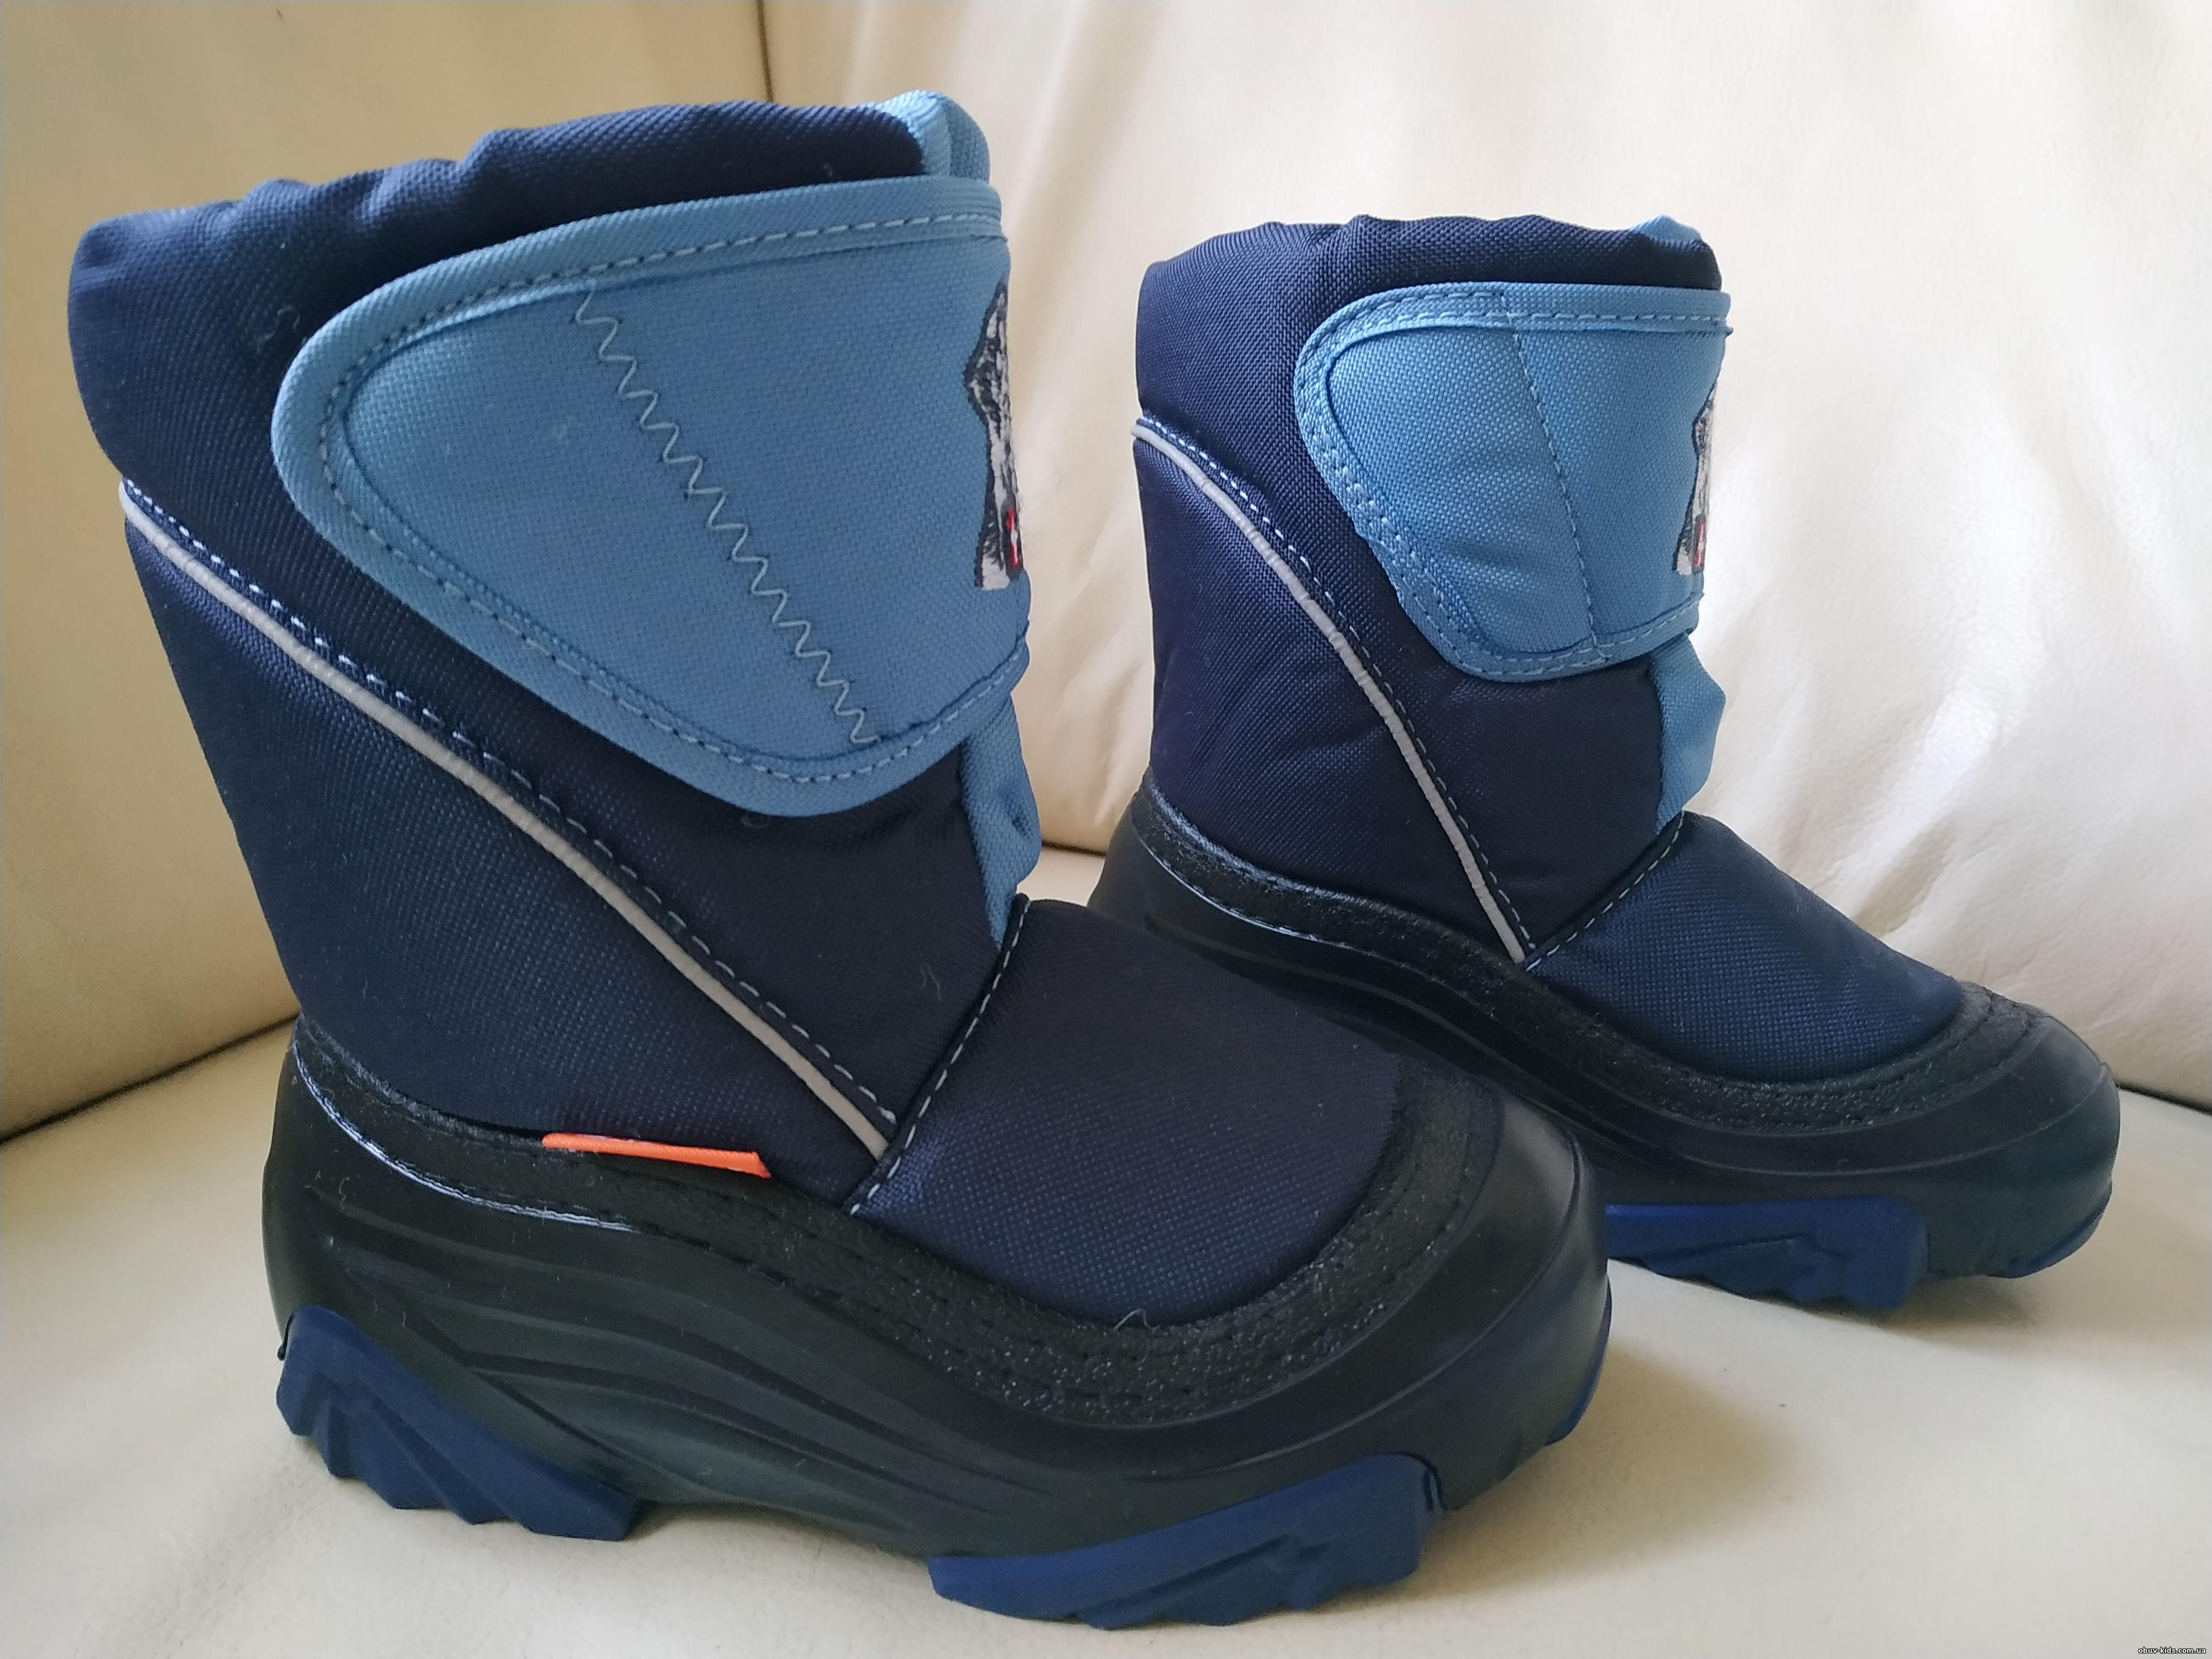 Зимние детские Демары, сапоги, дутики, сноубутсы, ботинки Демар